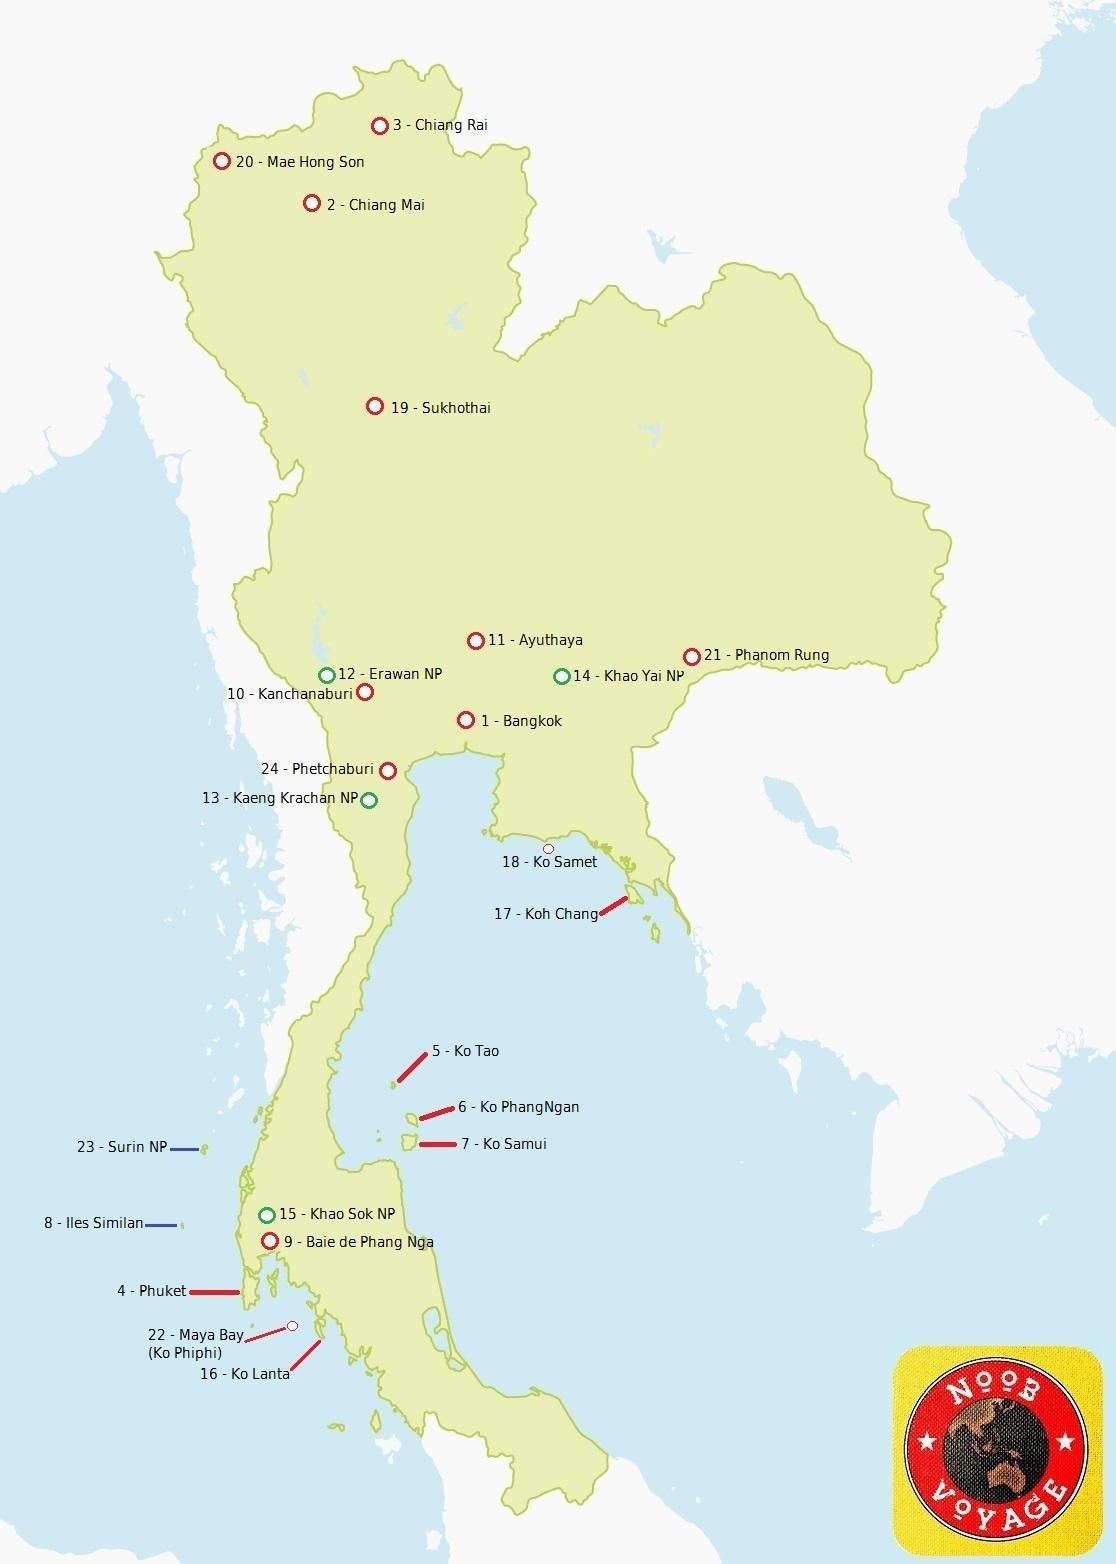 Carte de la Thailande détaillée